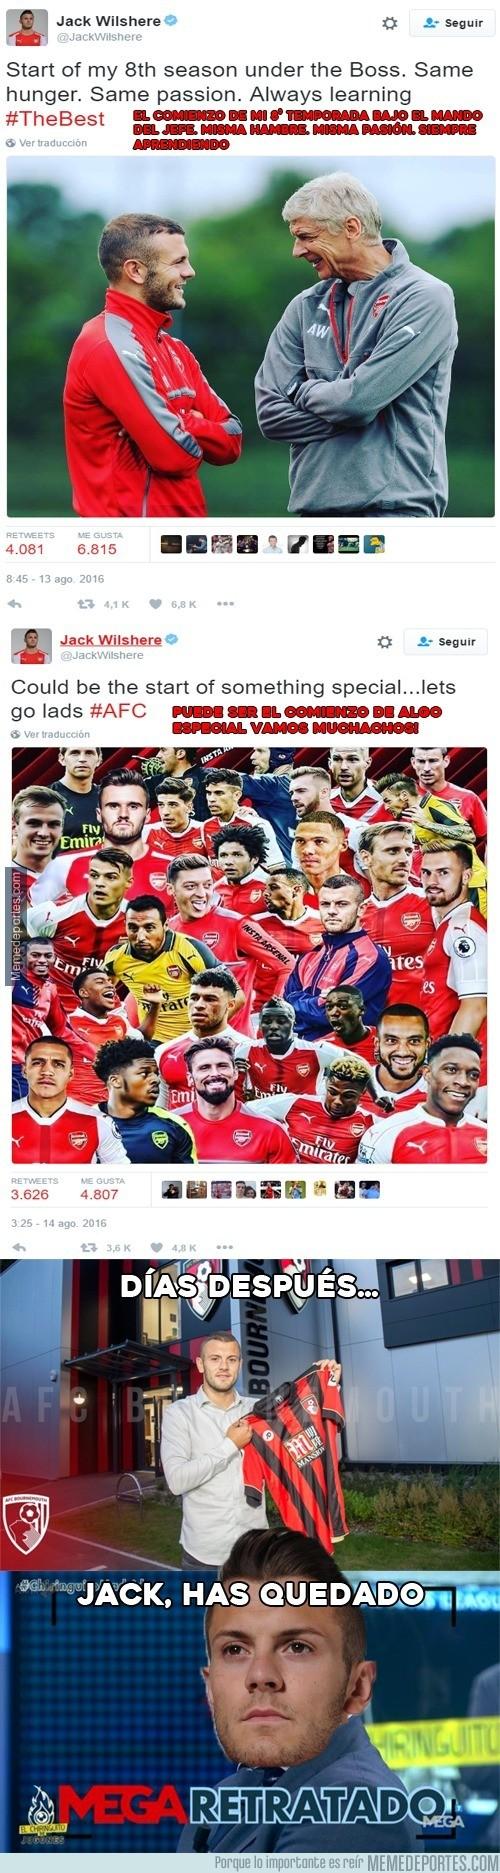 903451 - El Mega-Gafe de Jack Wilshere antes de empezar la temporada con el Arsenal